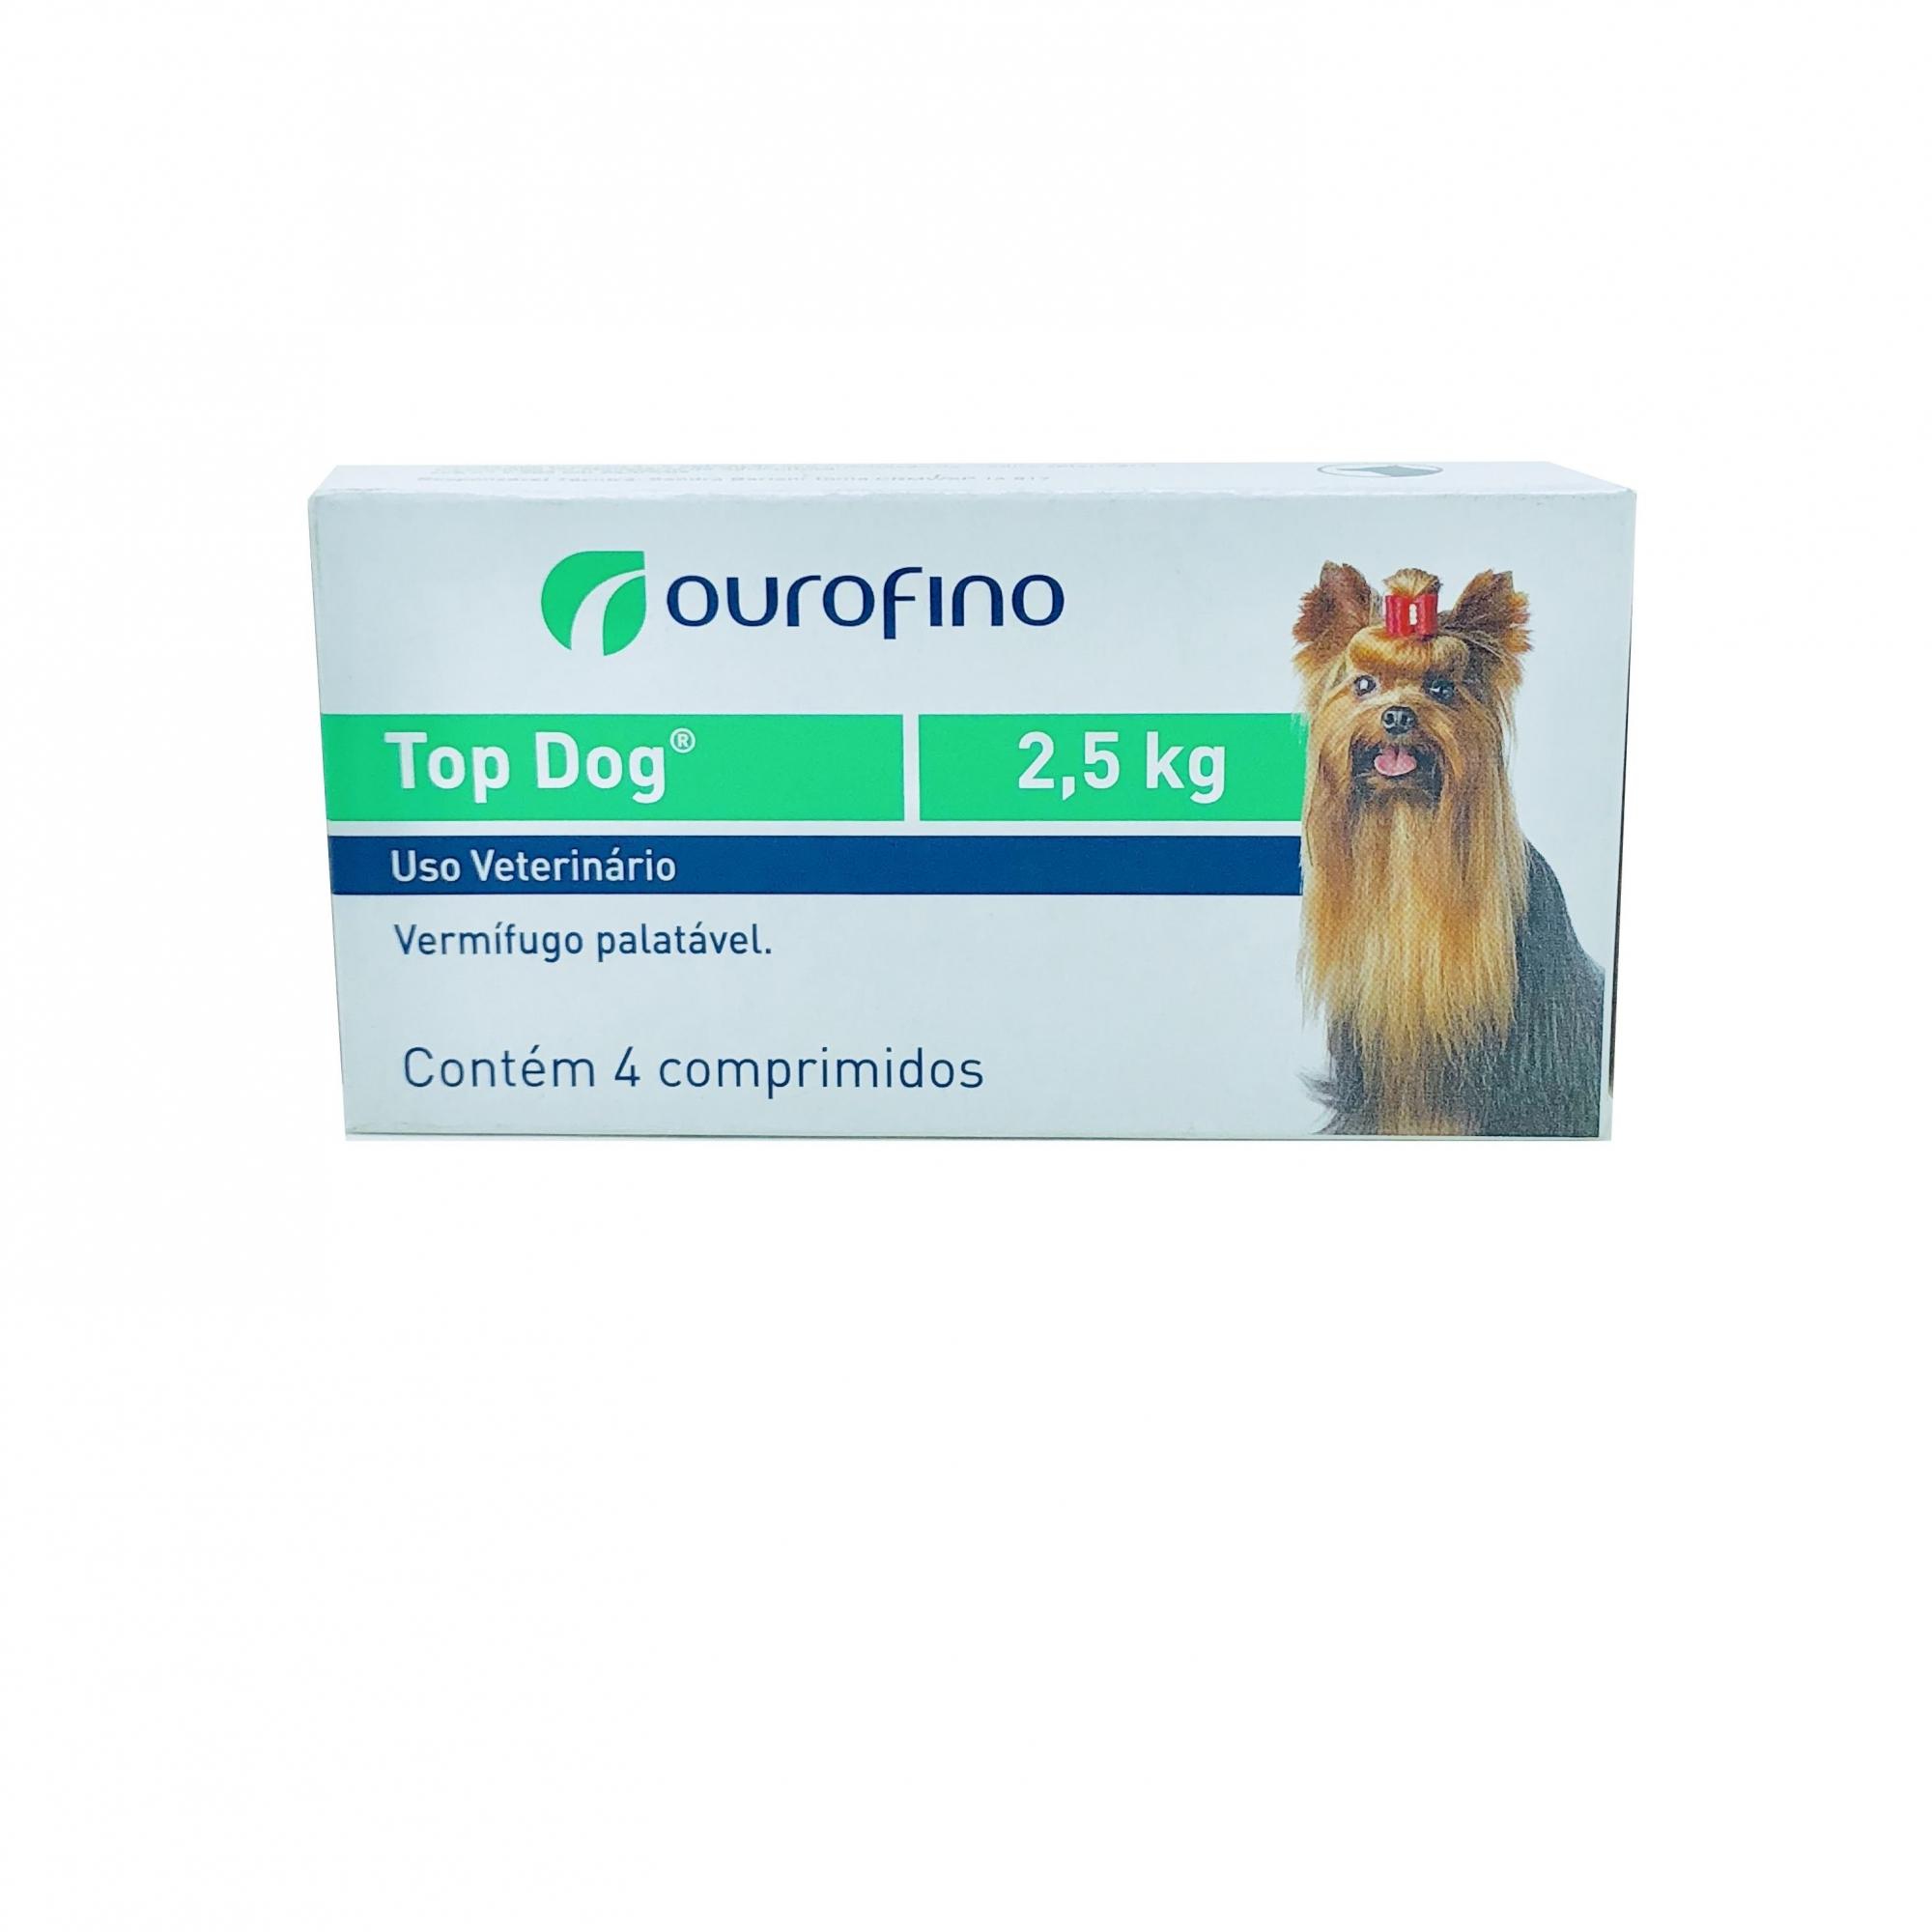 Vermífugo Top Dog Ourofino 2,5 kg